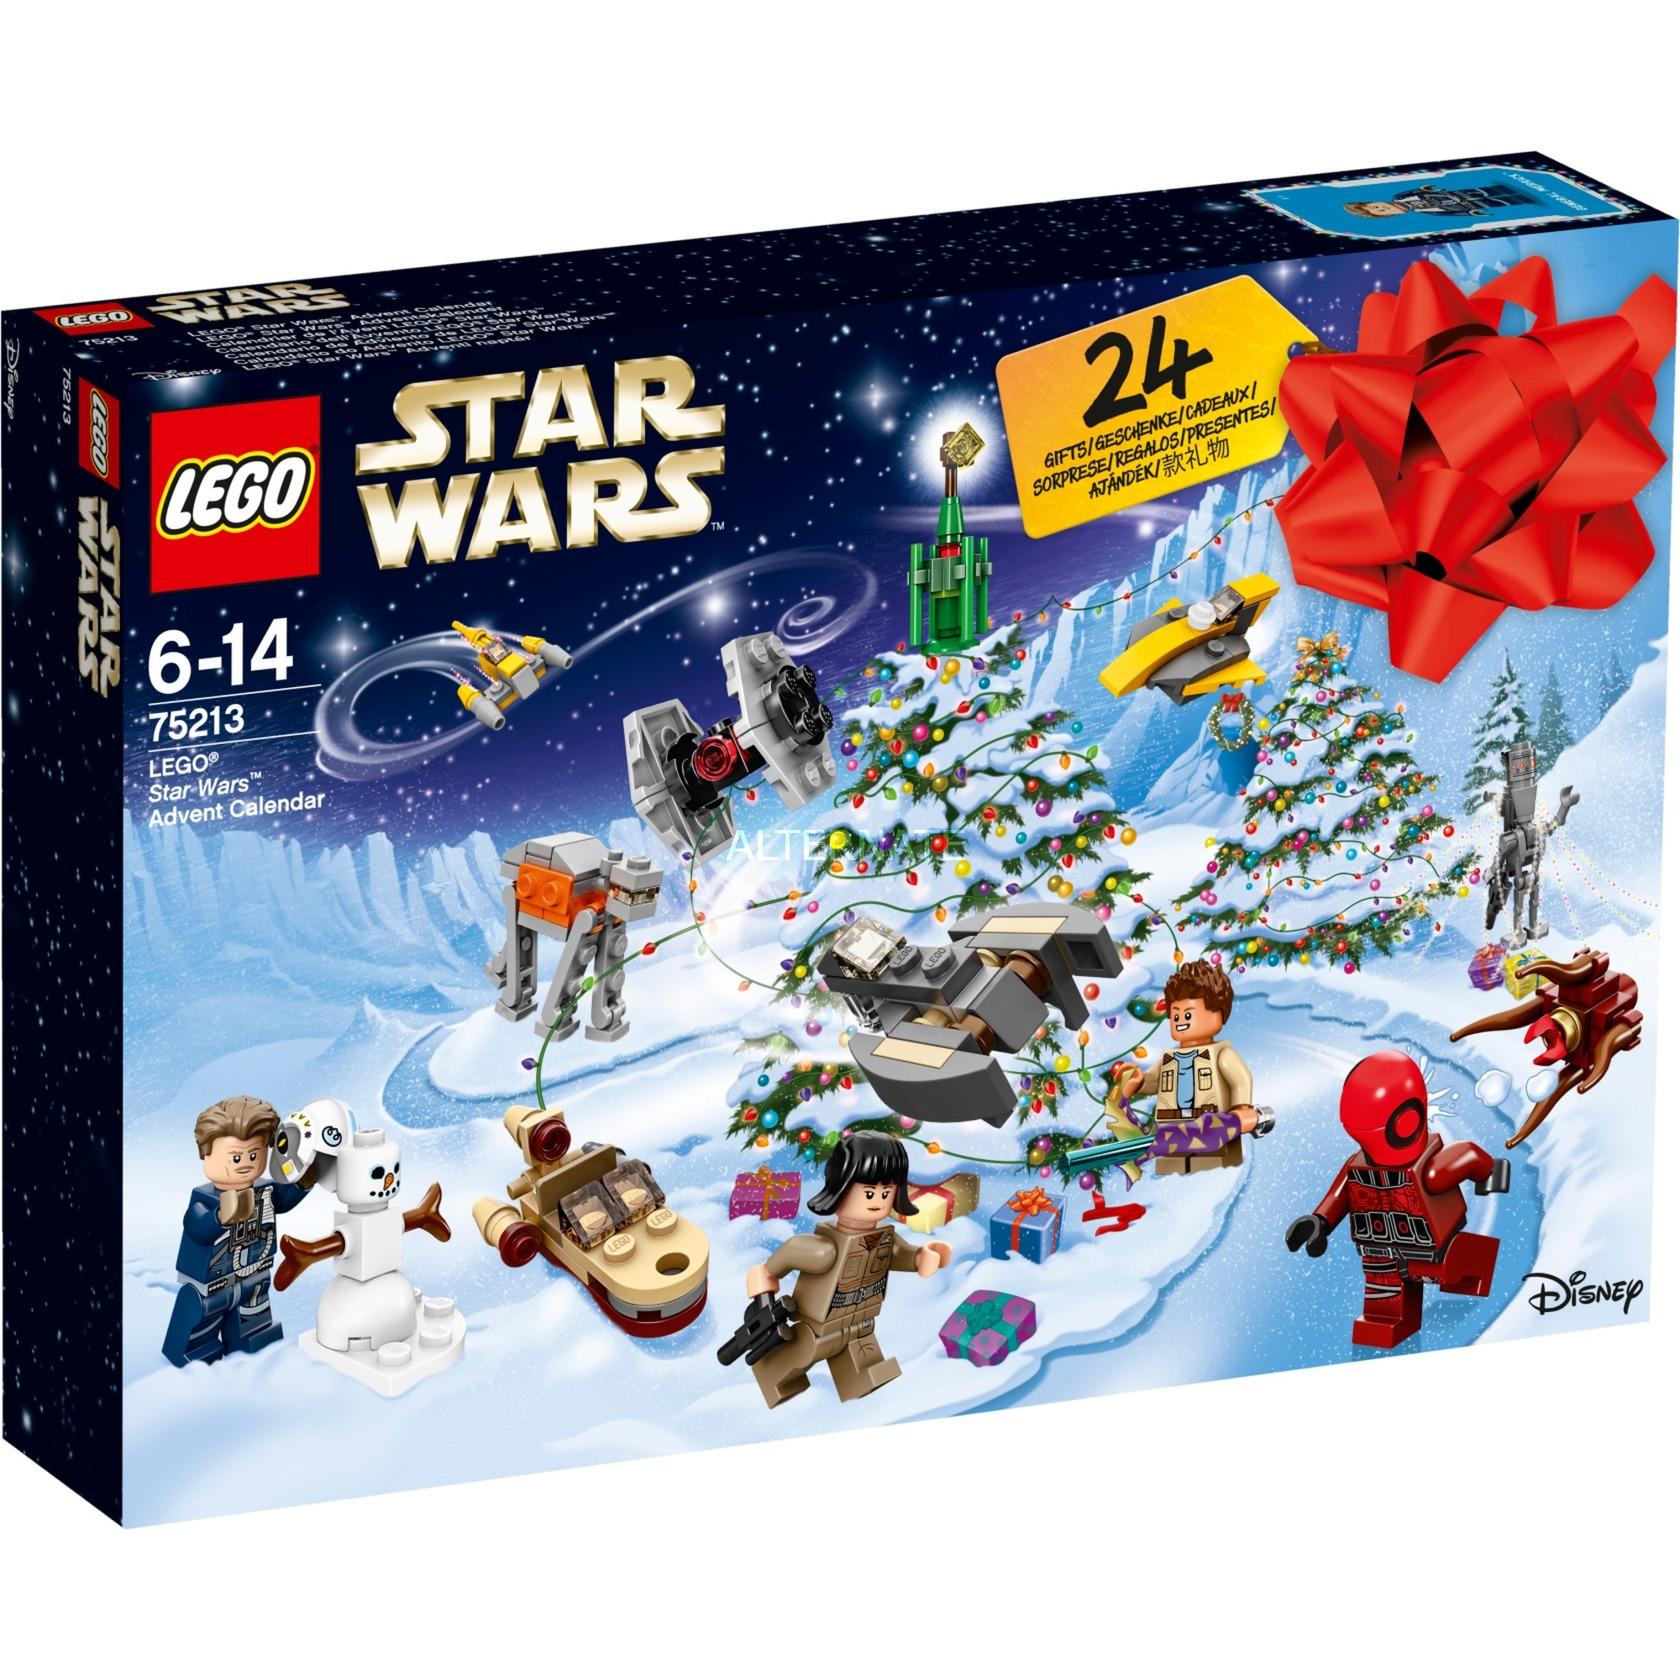 DER LEGO STAR WARS 75146 – ADVENTSKALENDER günstig kaufen bei www ... 09fa9b30540